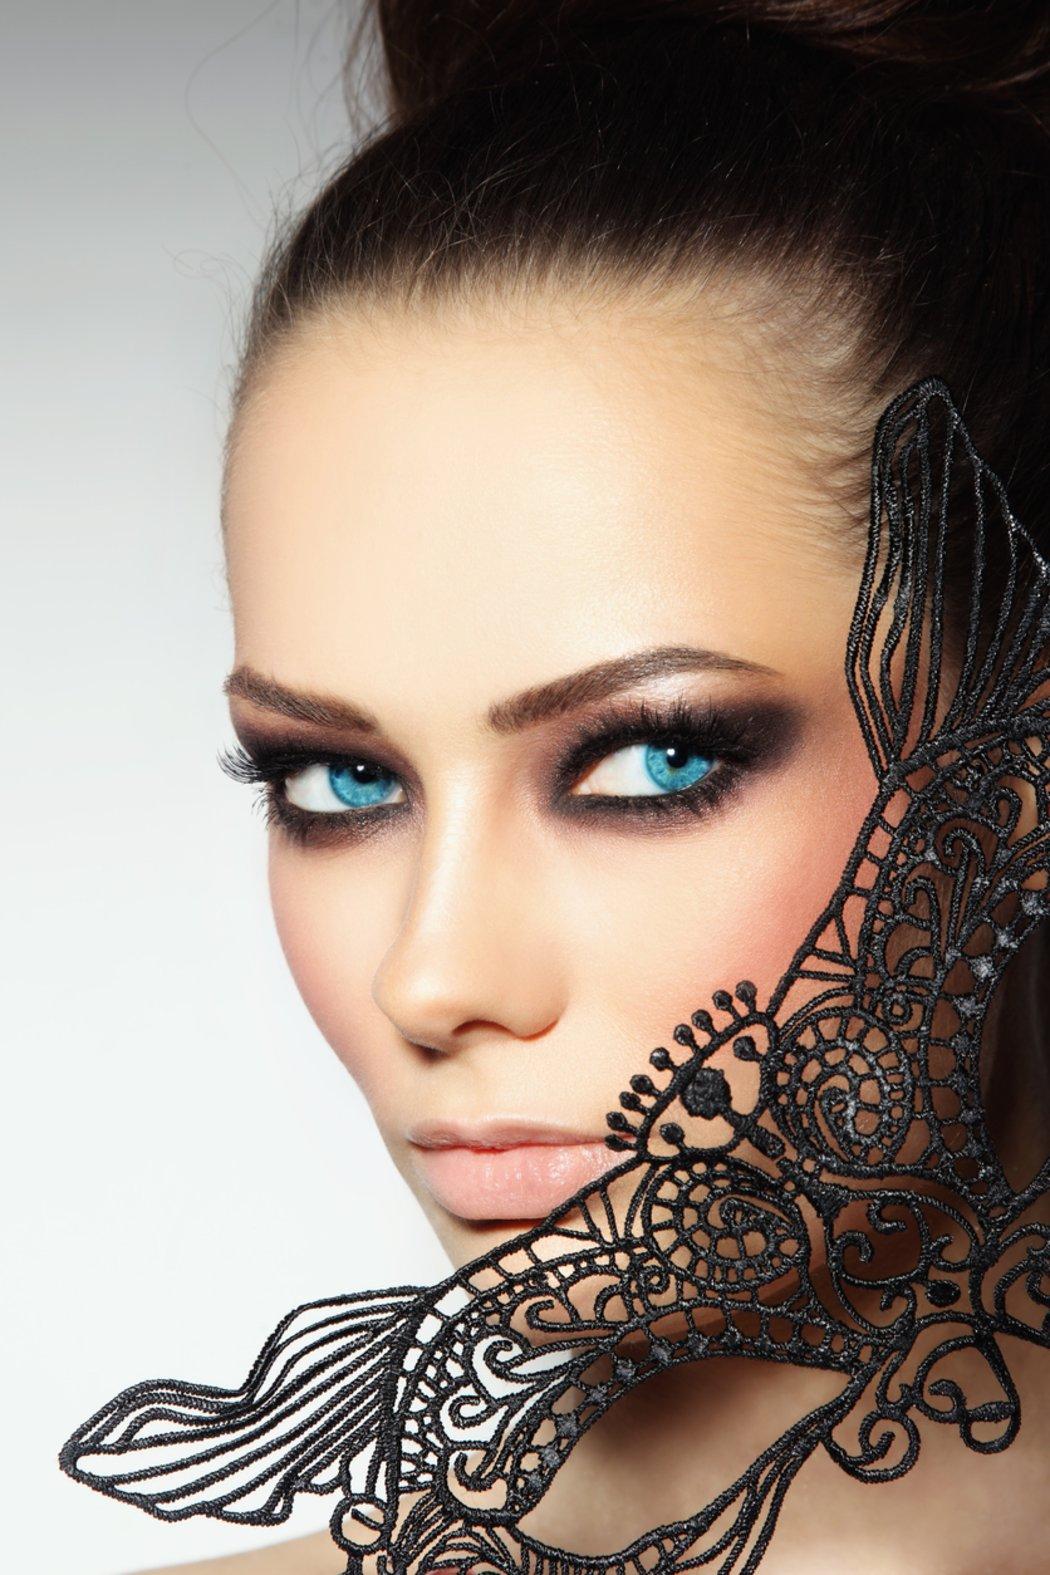 Model schwarze haare blaue augen